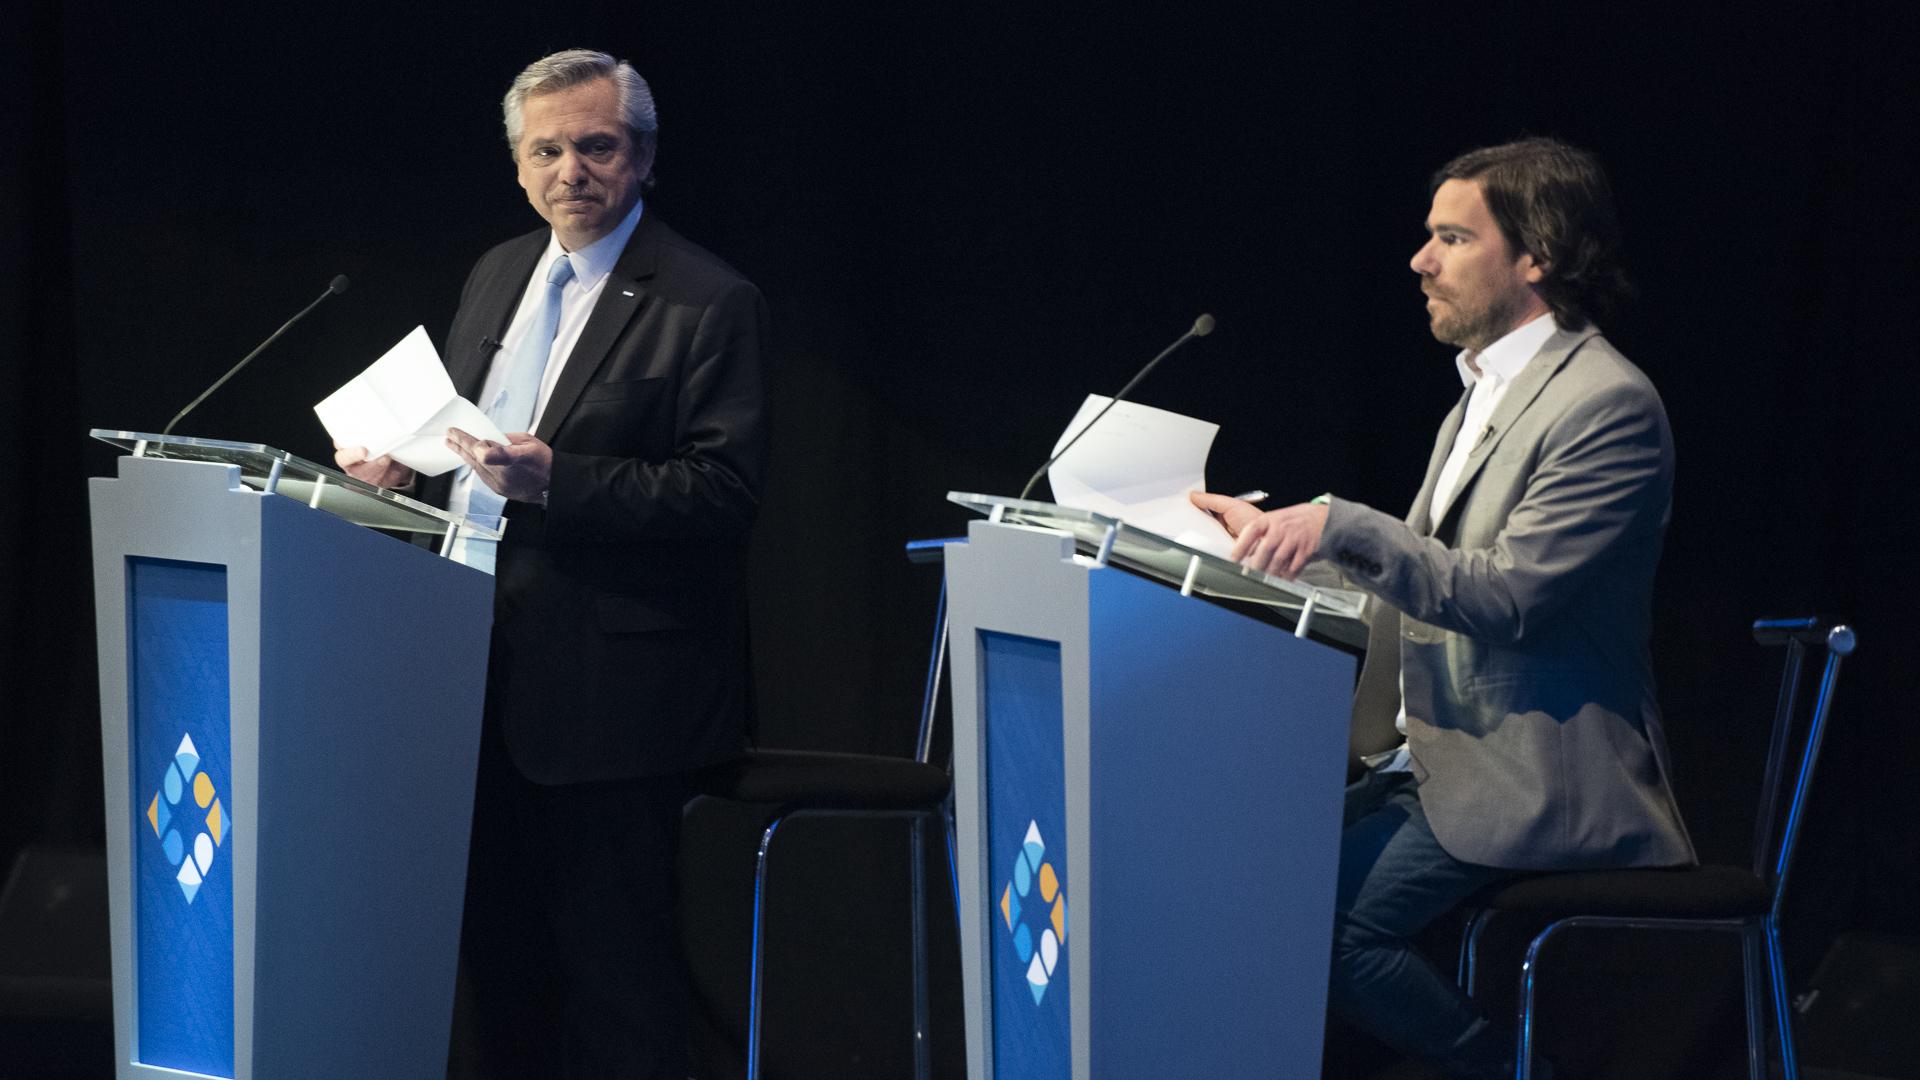 Alberto Fernández y Nicolás del Caño durante uno de los bloques del debate